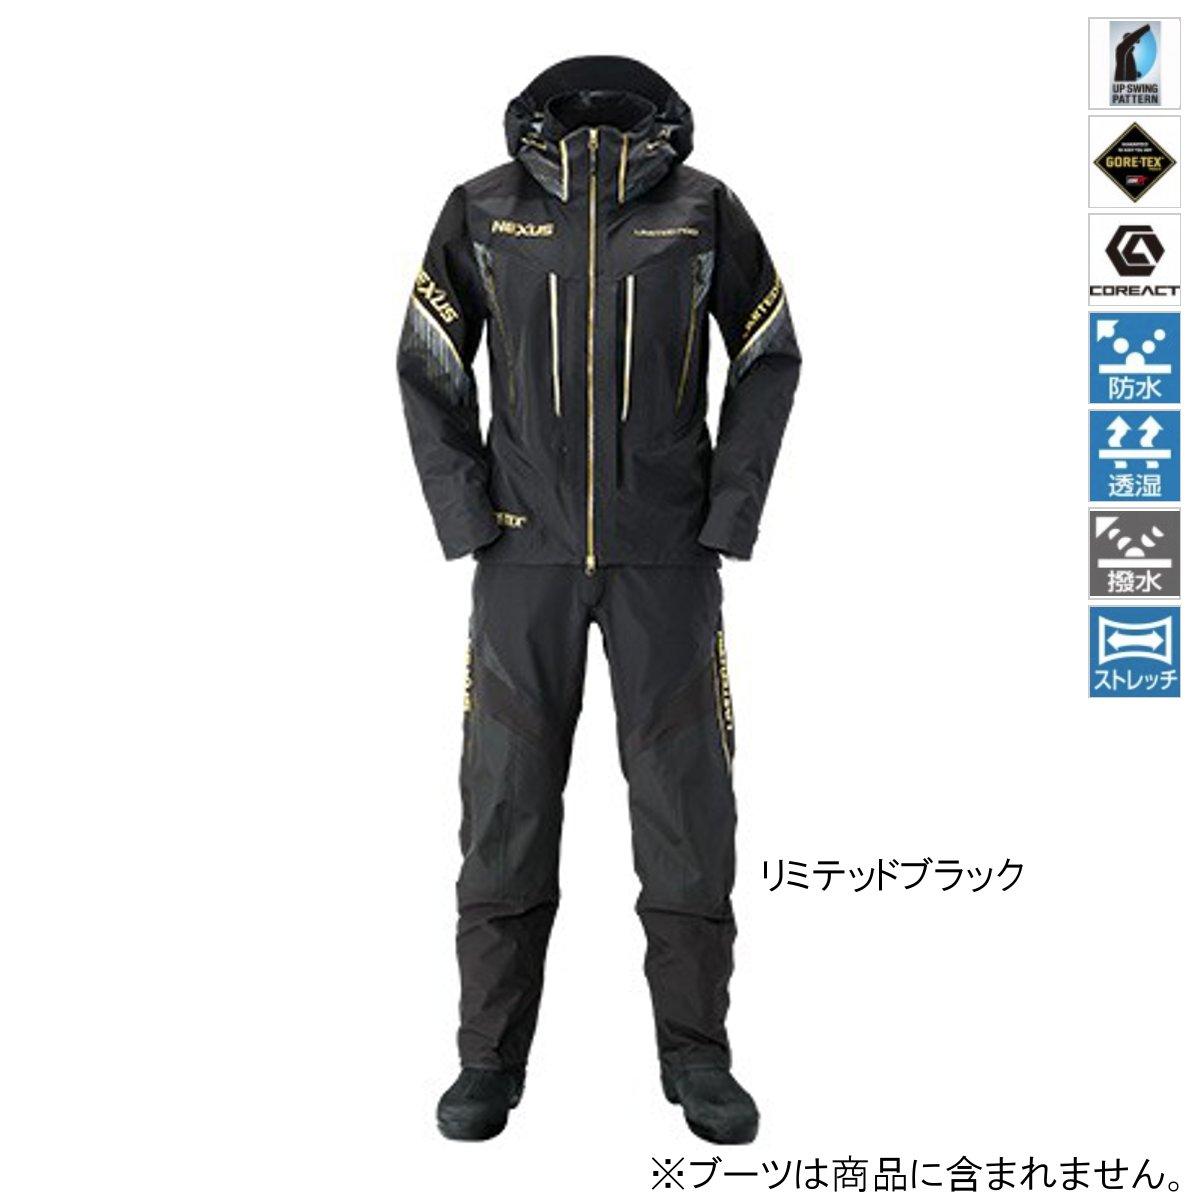 シマノ NEXUS・GORE-TEX レインスーツ LIMITED PRO RA-112S XL リミテッドブラック